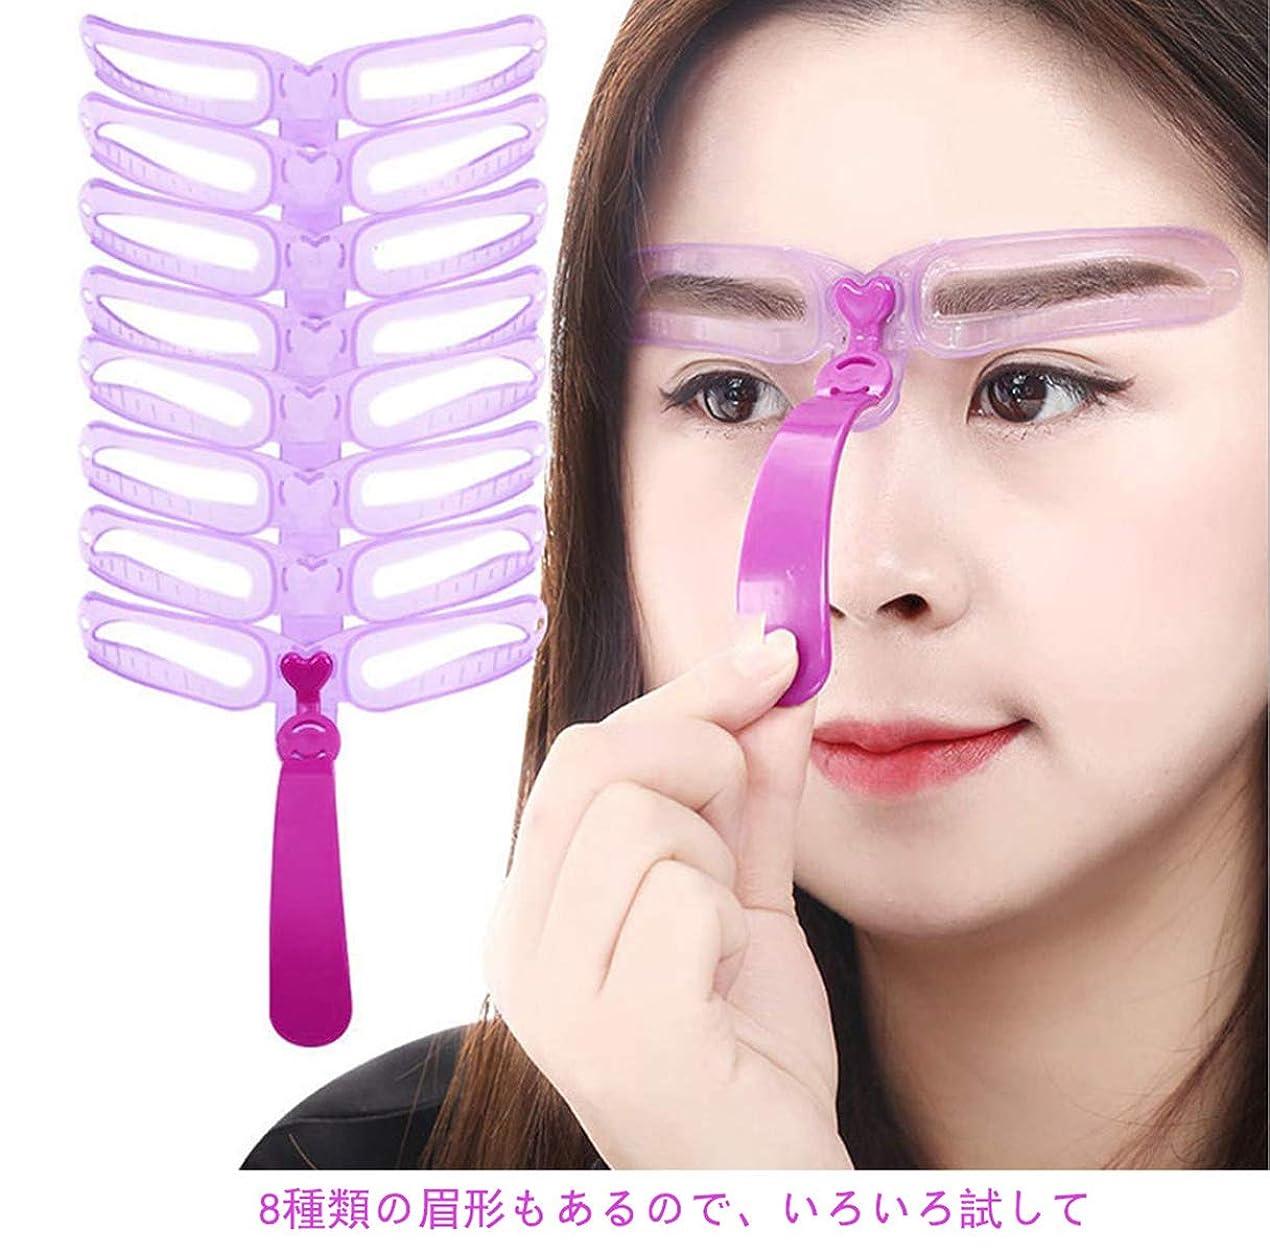 暗殺繁栄権限を与える眉毛テンプレート眉毛を気分で使い分け 8パターン 眉用ステンシル 男女兼用美容ツール